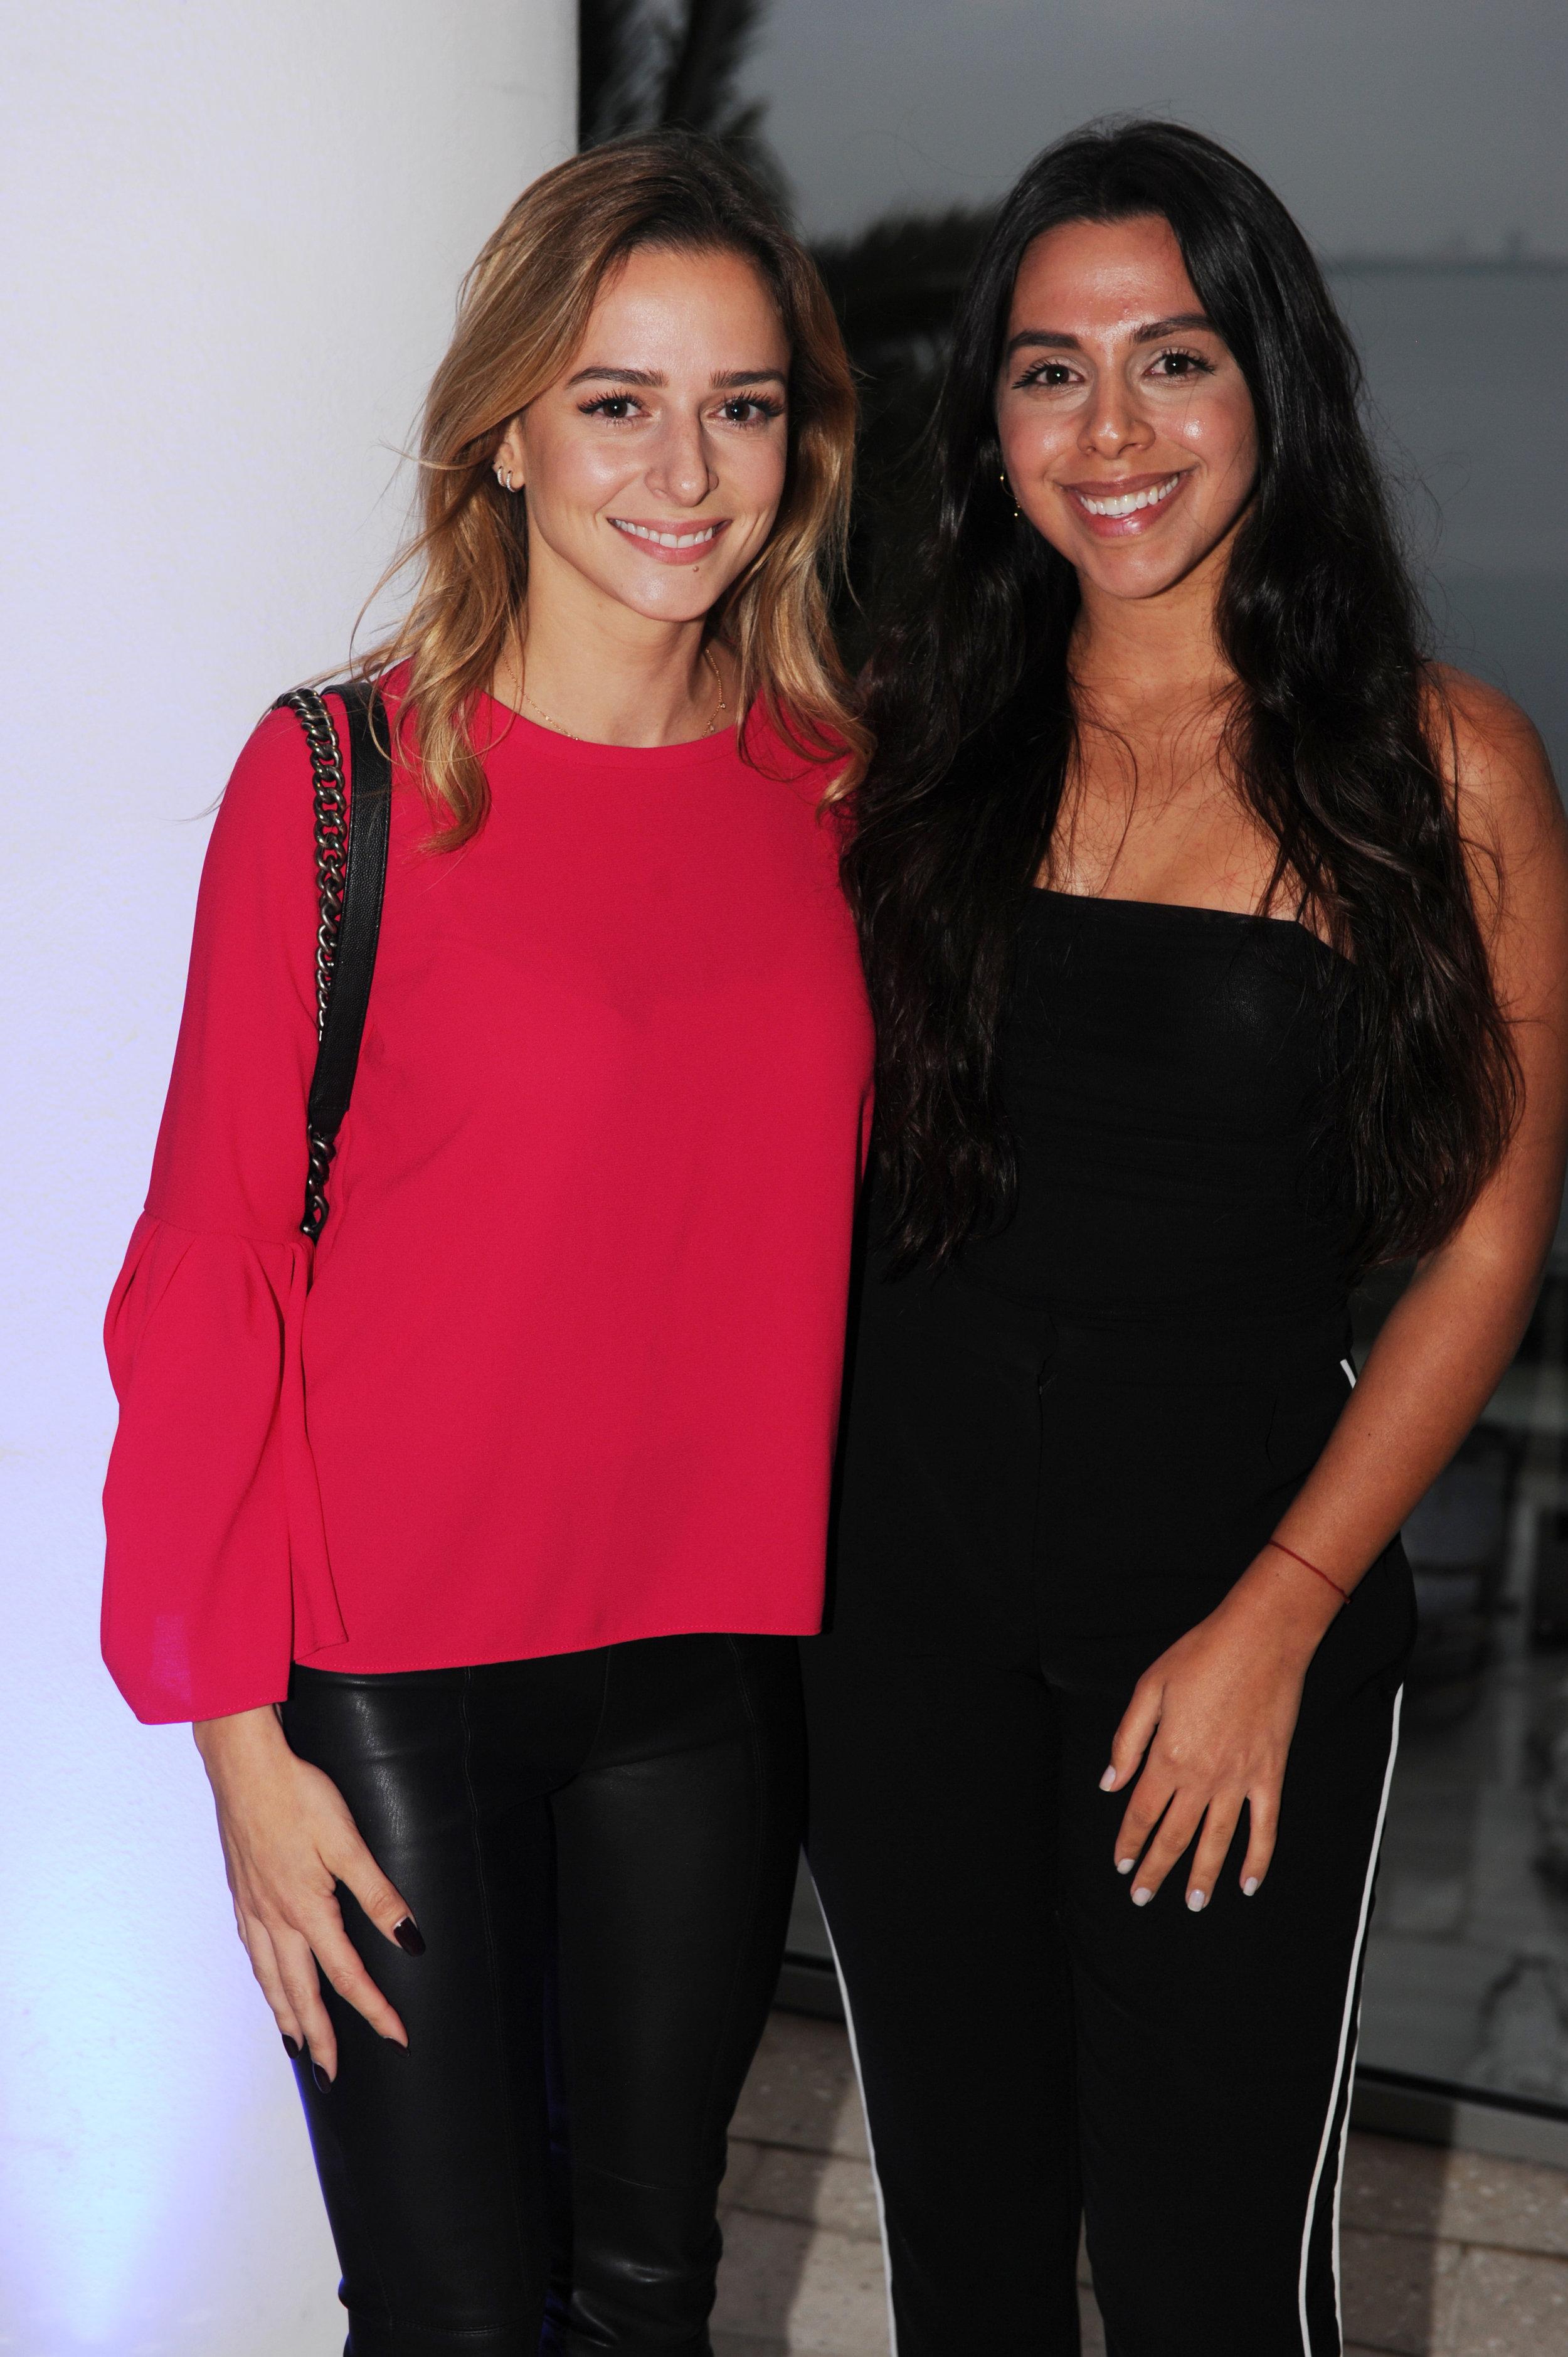 Mariana Trentini & Camila Canepa